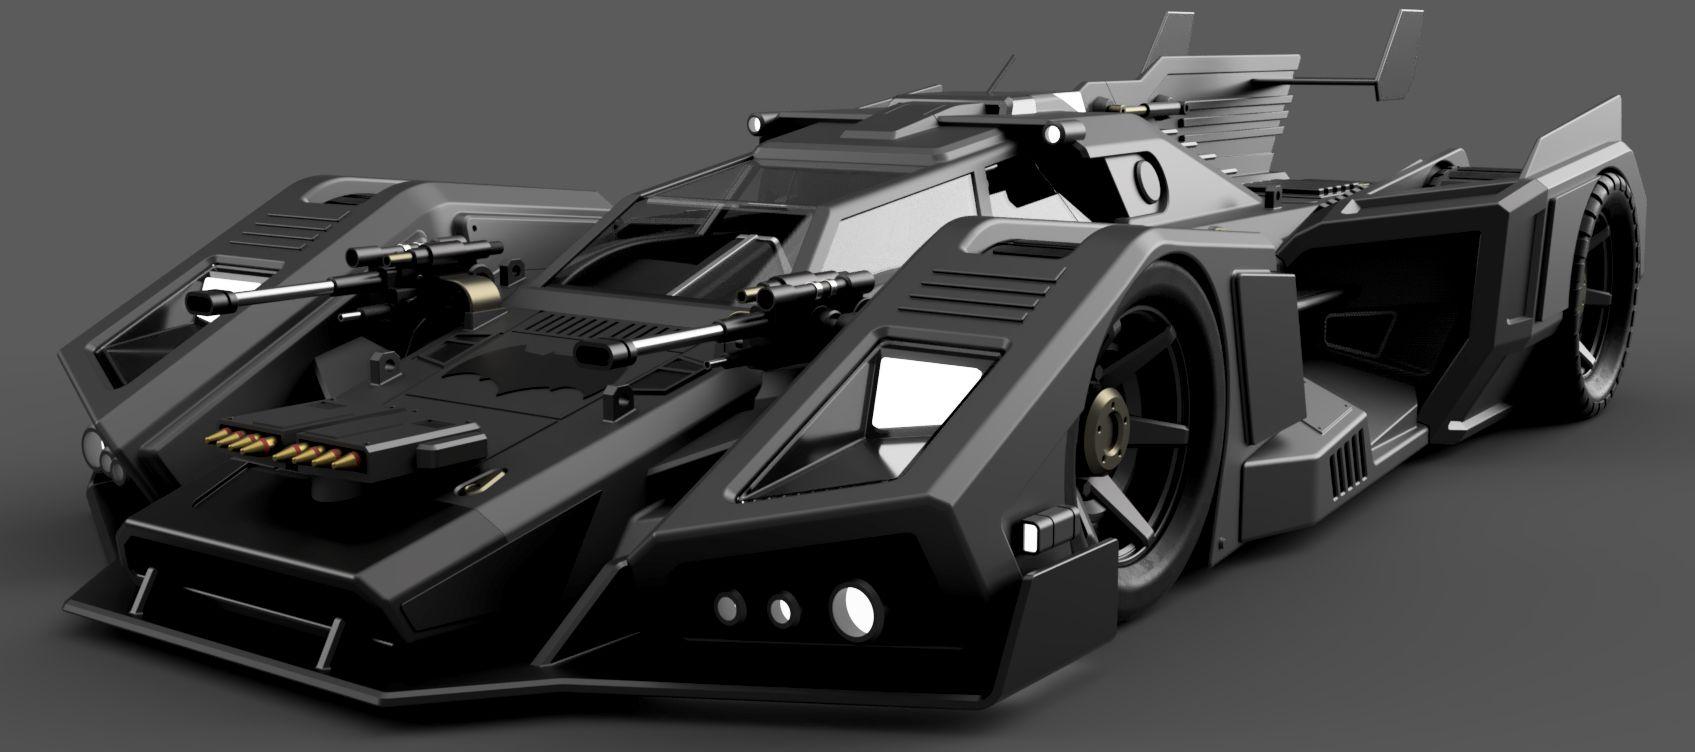 Bat-1-3500-3500